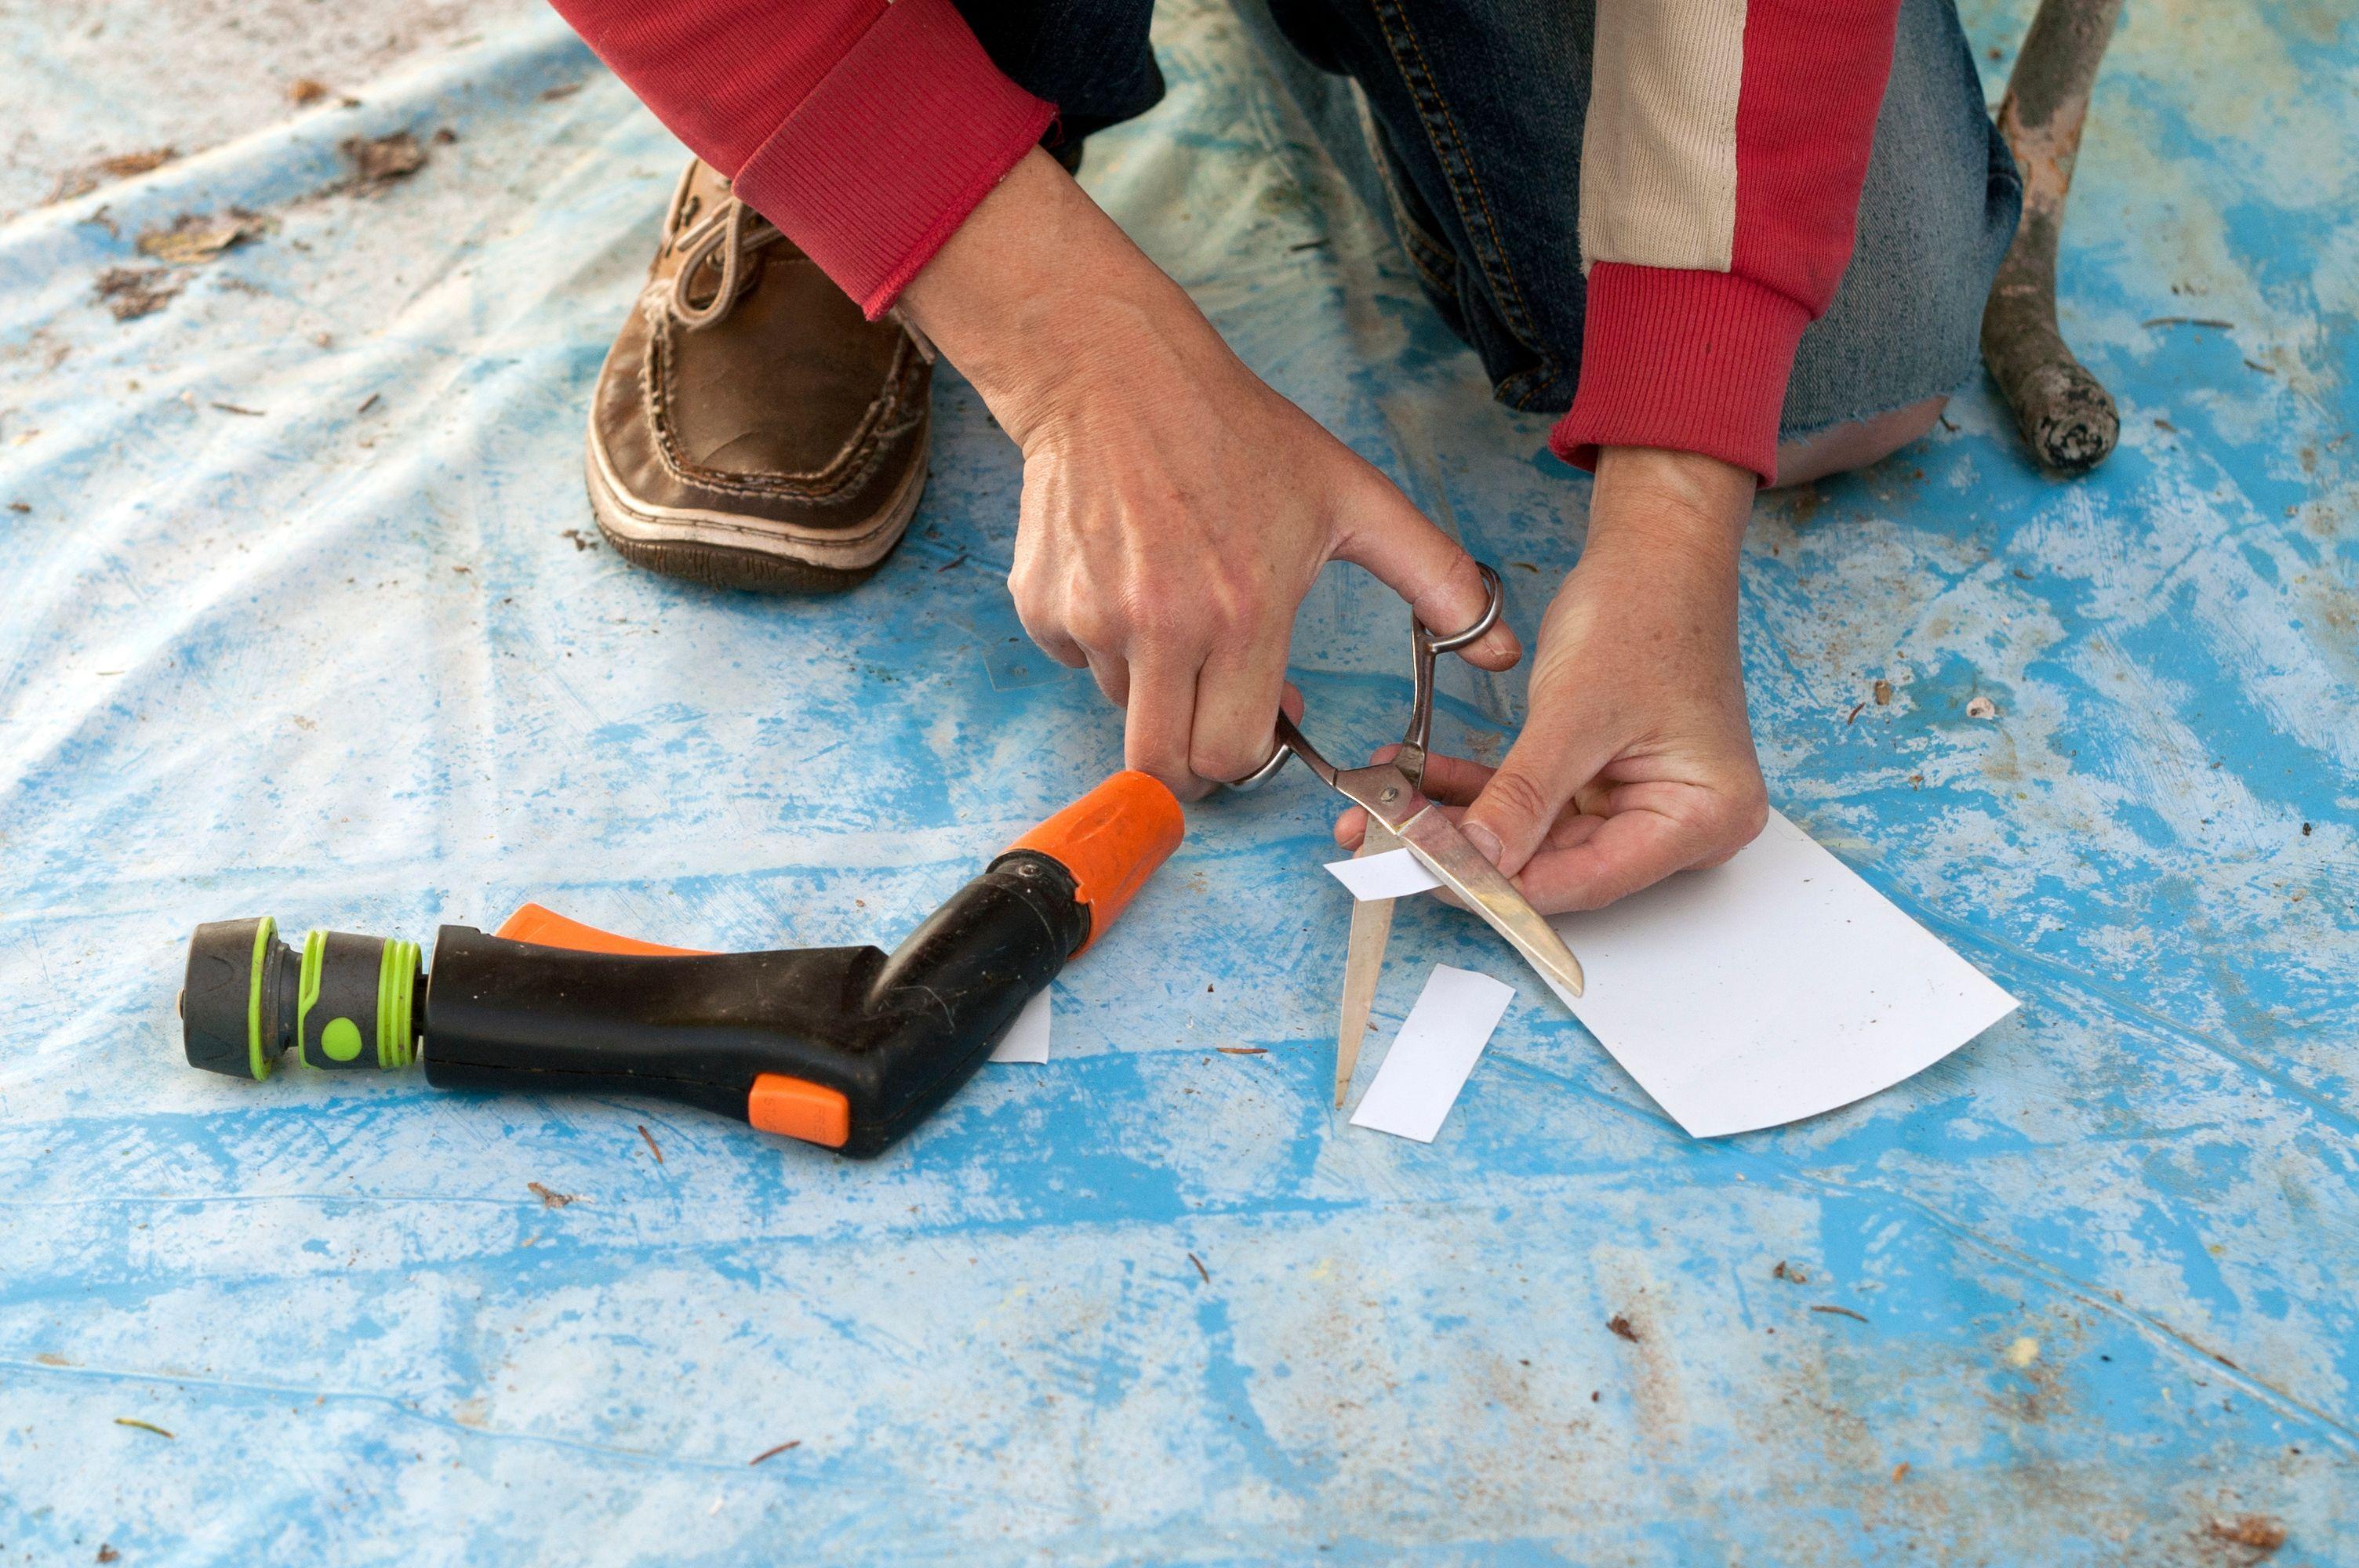 Come riparare il liner strappato della piscina